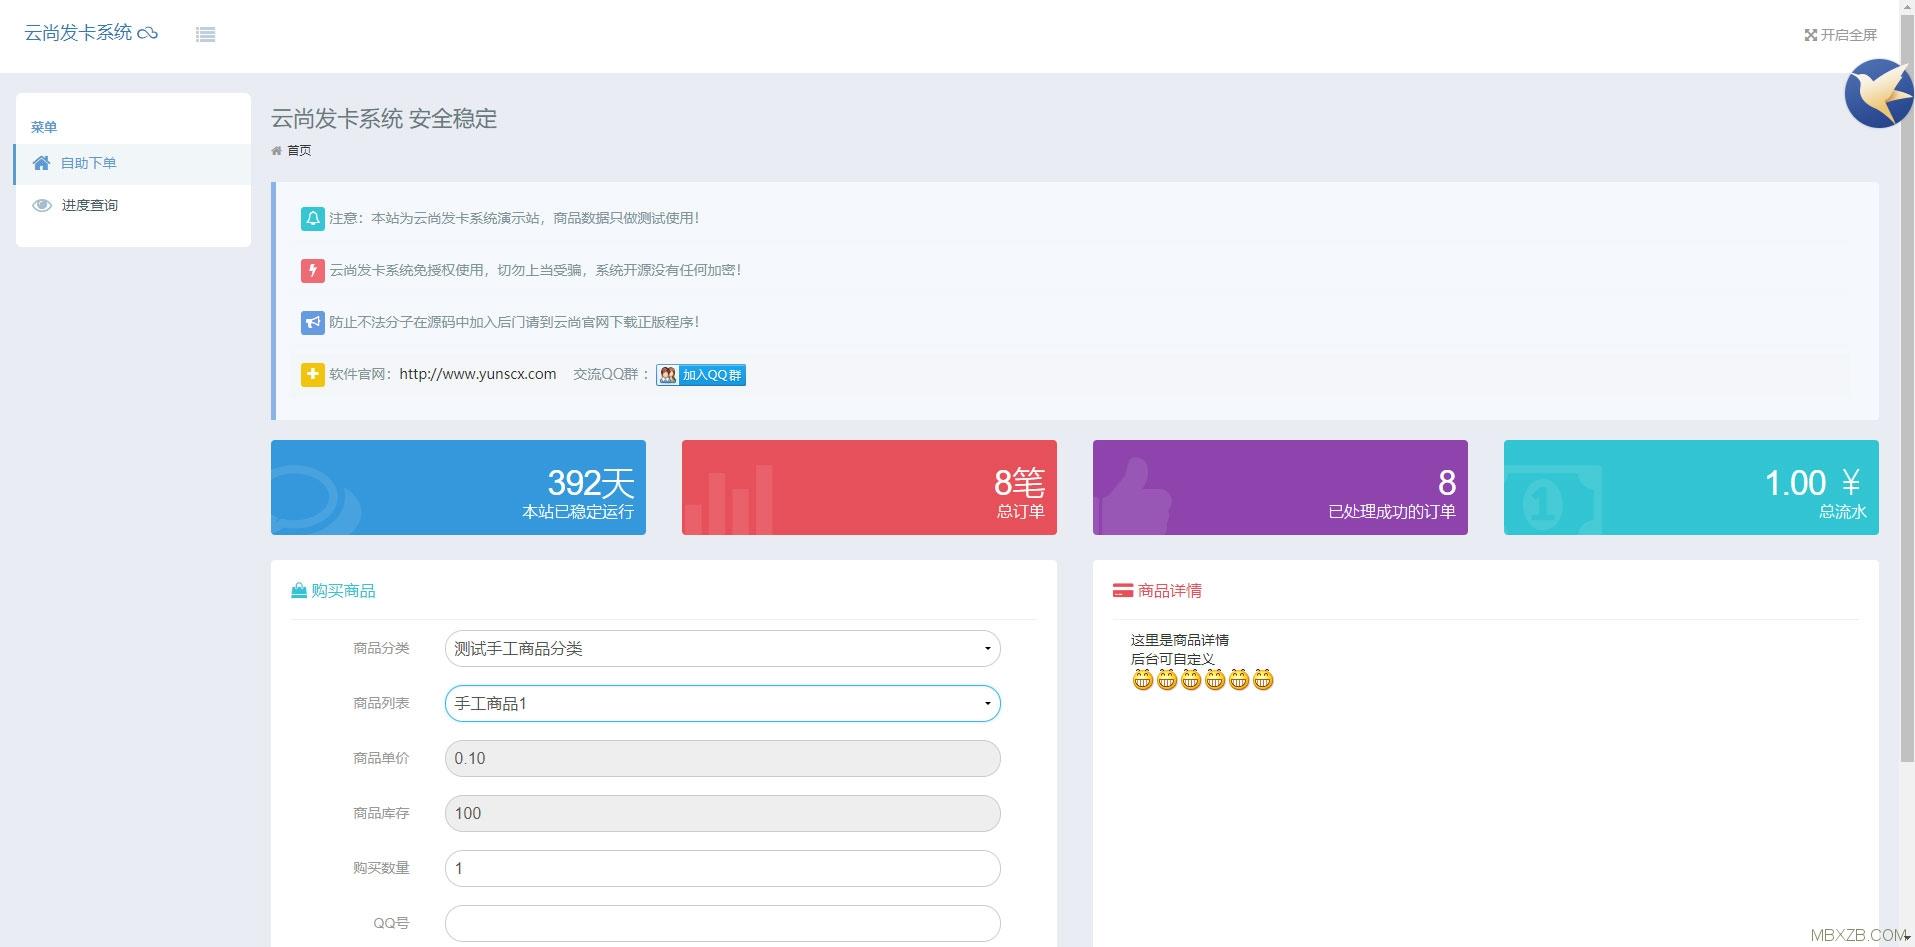 云尚发卡系统V1.4.1|自动发卡+订单处理系统+一键安装|免授权直接使用